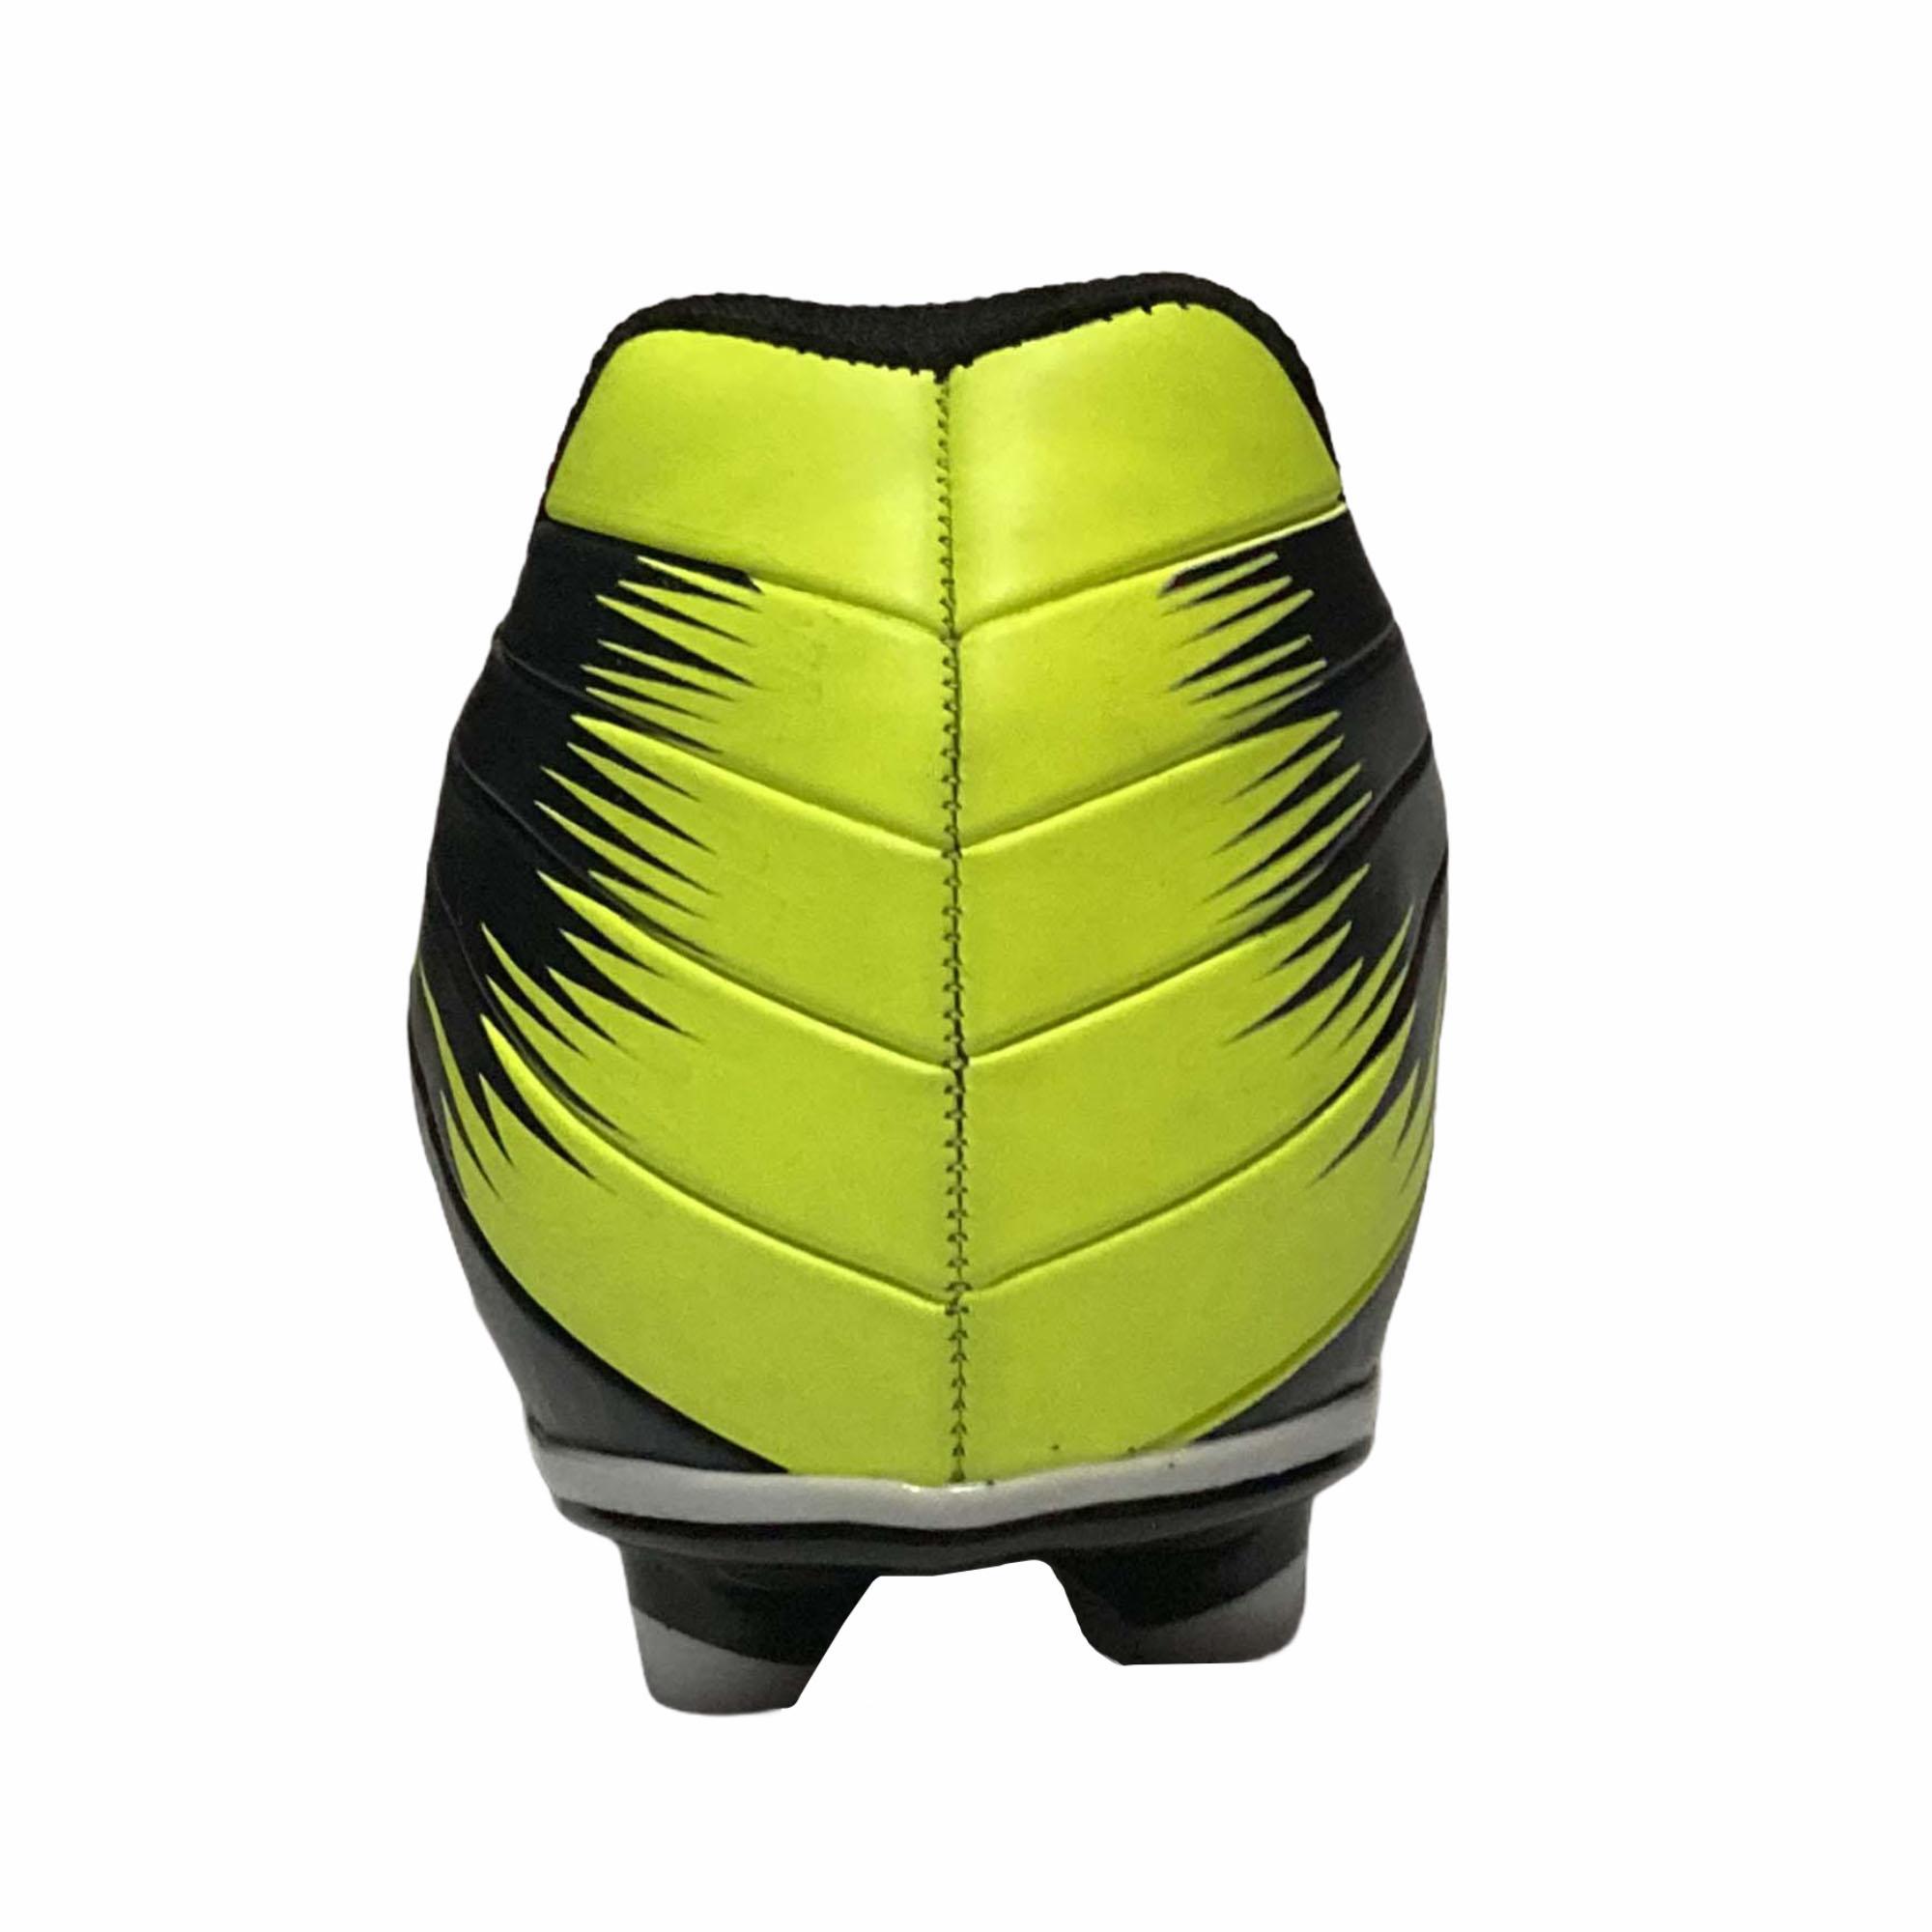 Chuteira Futsal Kappa Striker II